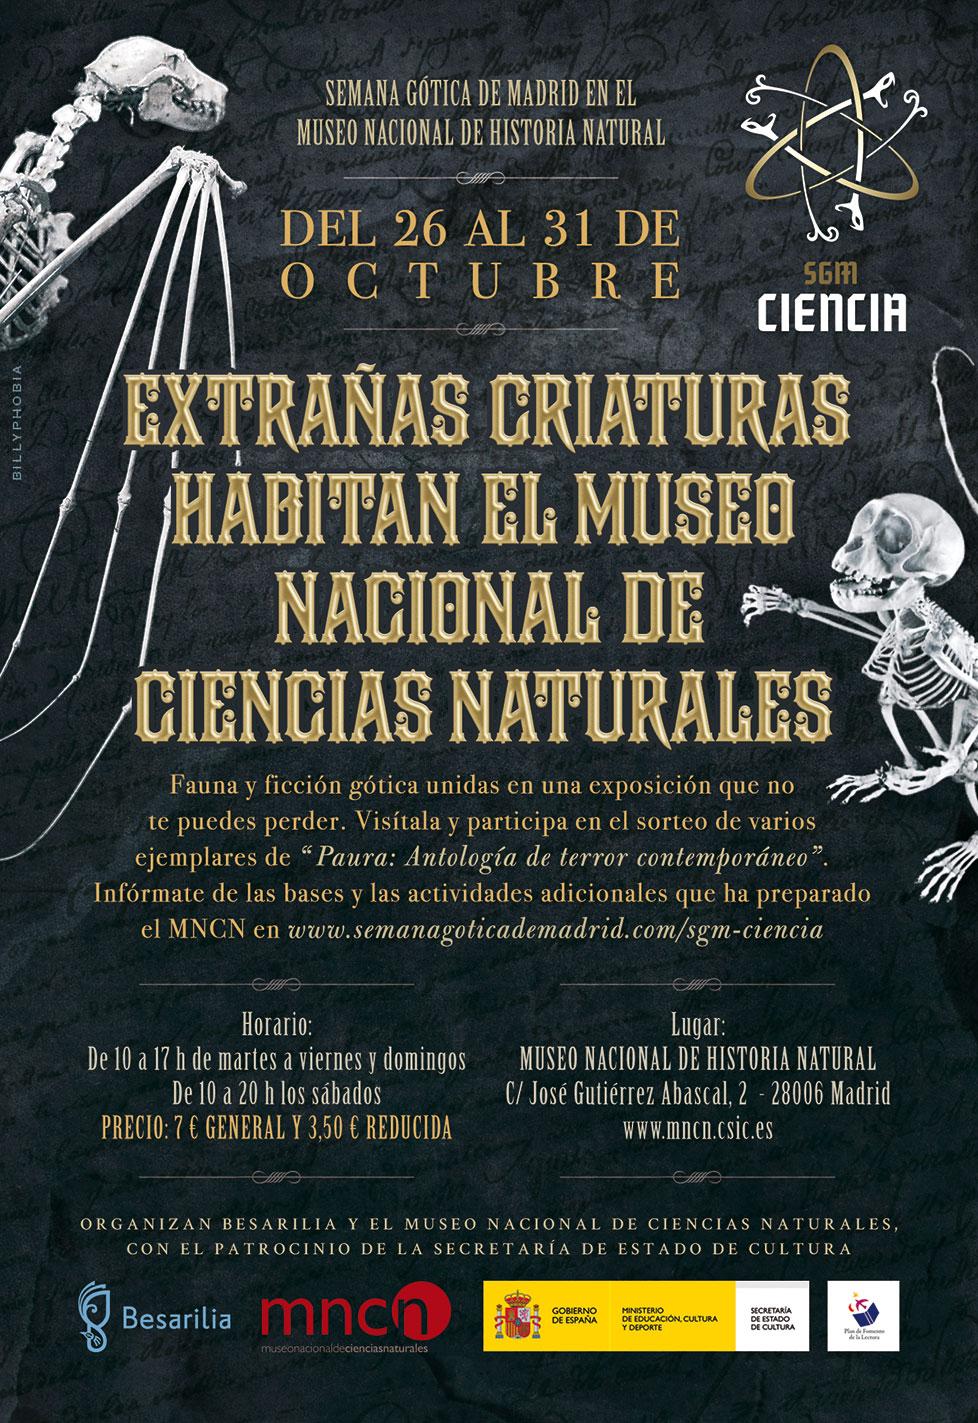 SGM Ciencia - Semana Gótica de Madrid